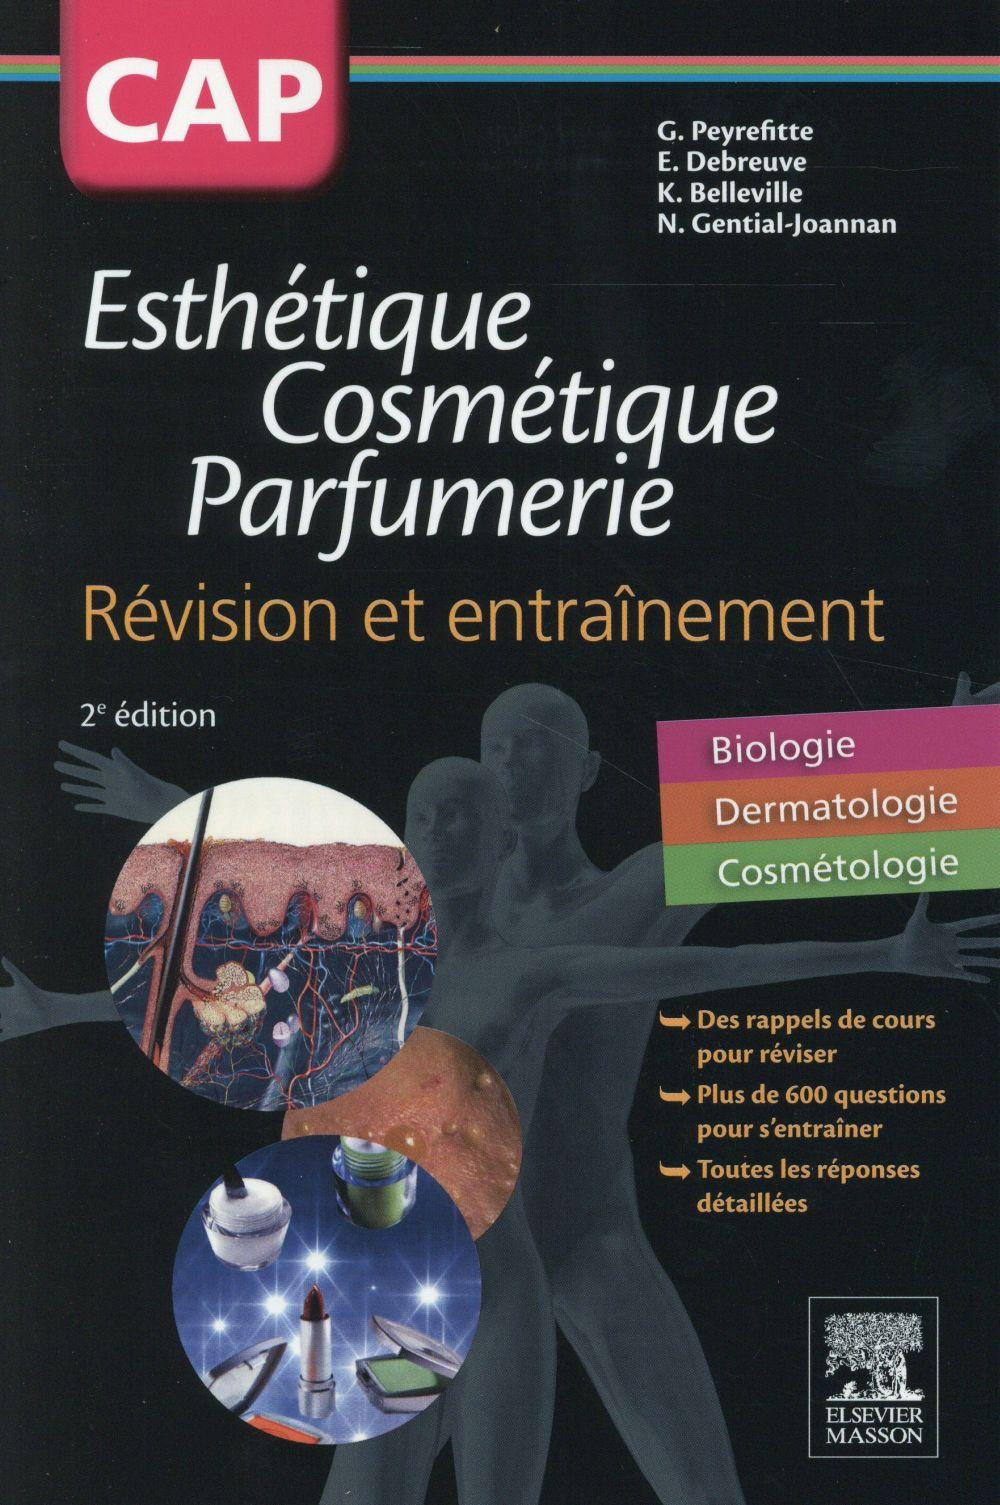 Cap esthétique ; cosmétique ; parfumerie (2e édition)